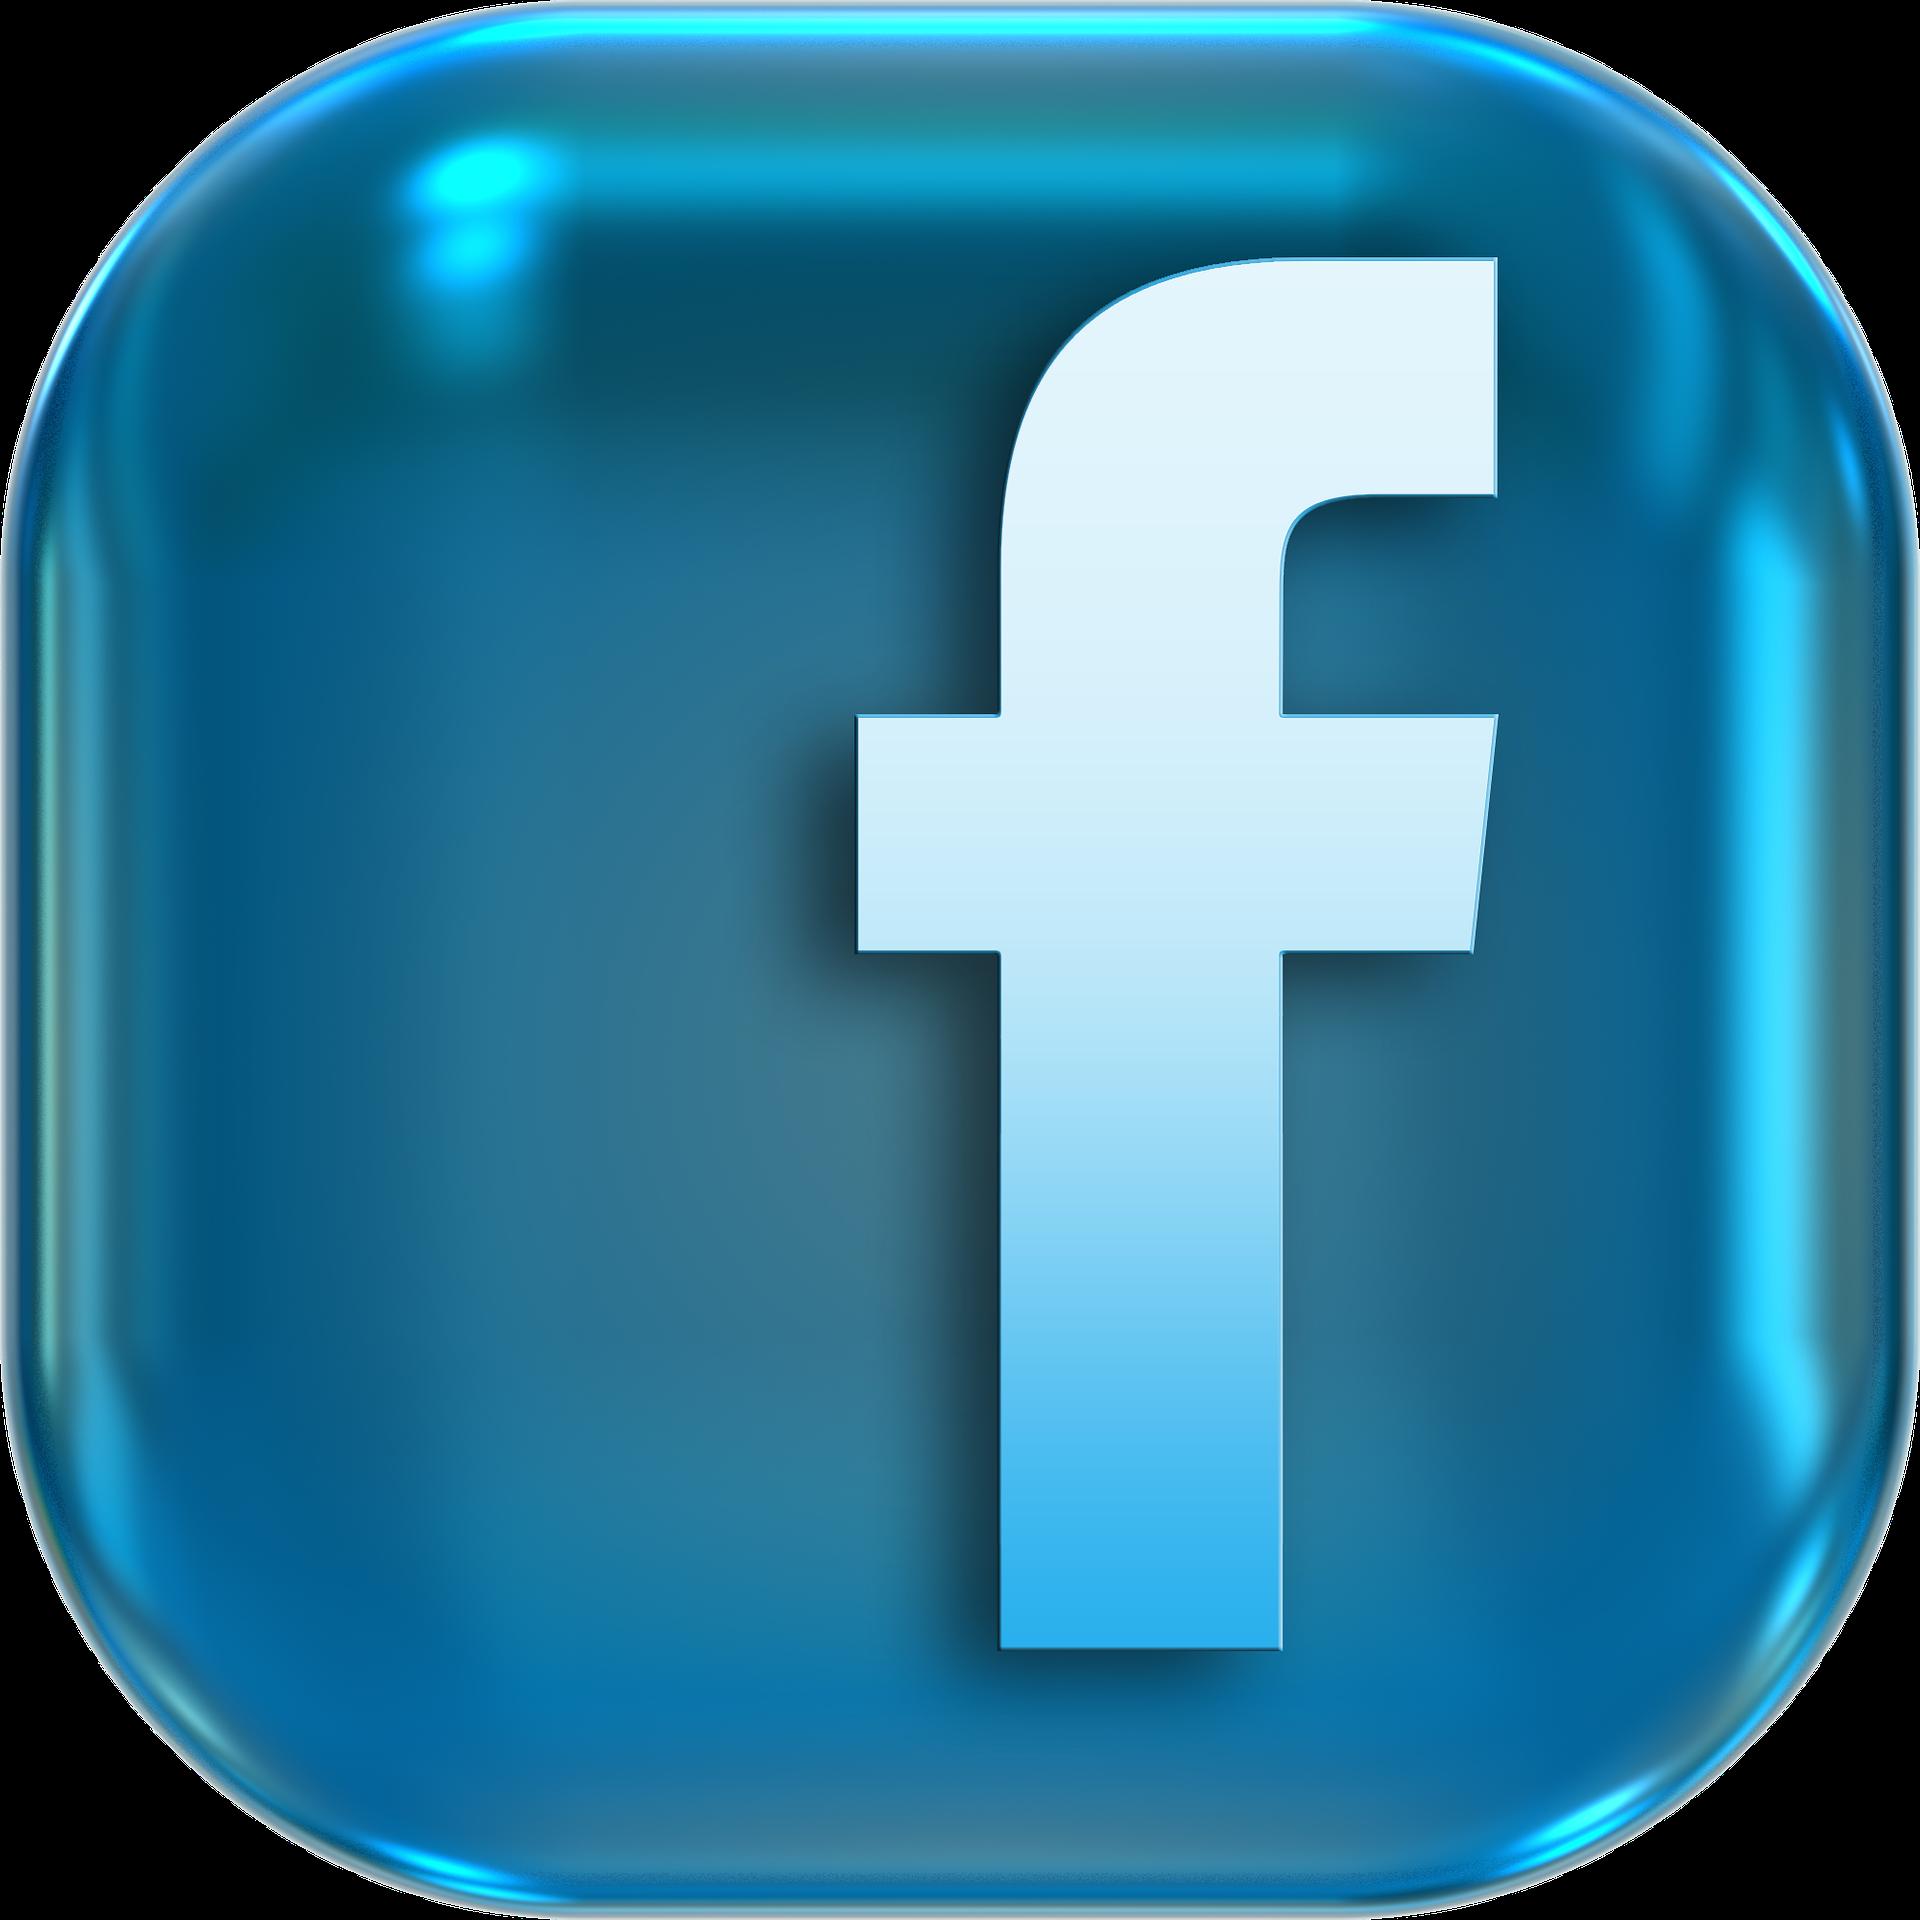 Obrázek: Hacker tvrdí, že smaže stránku Marka Zuckerberga na Facebooku. Už v neděli